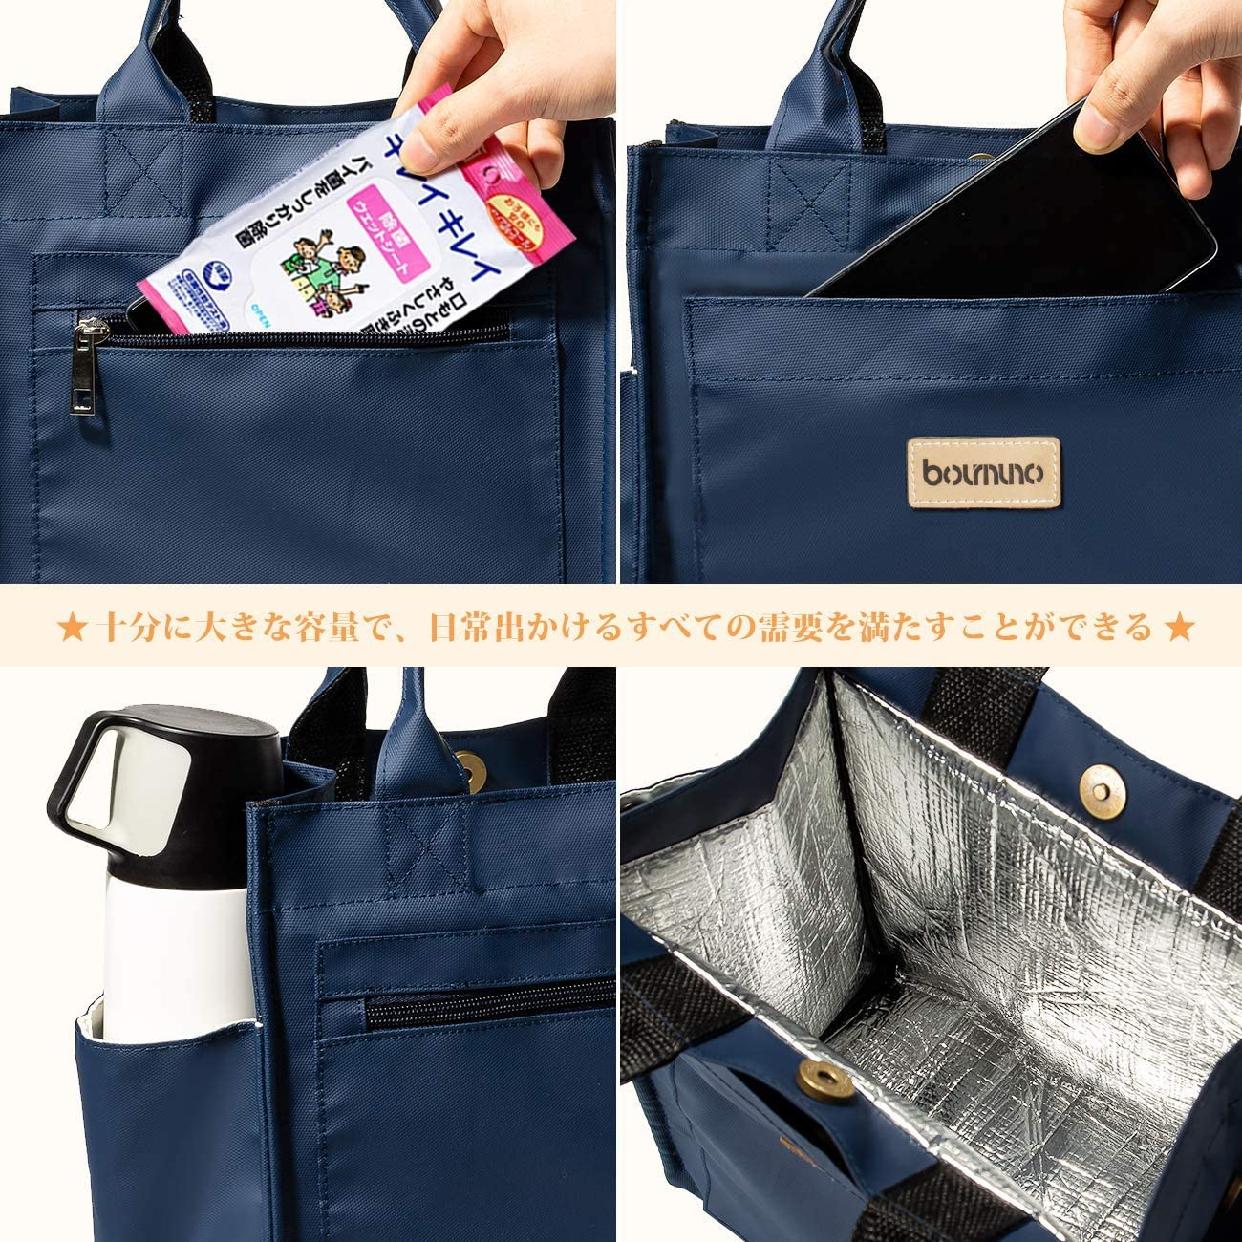 Boumuno(ボウムノ)ランチバッグ ブルーの商品画像5